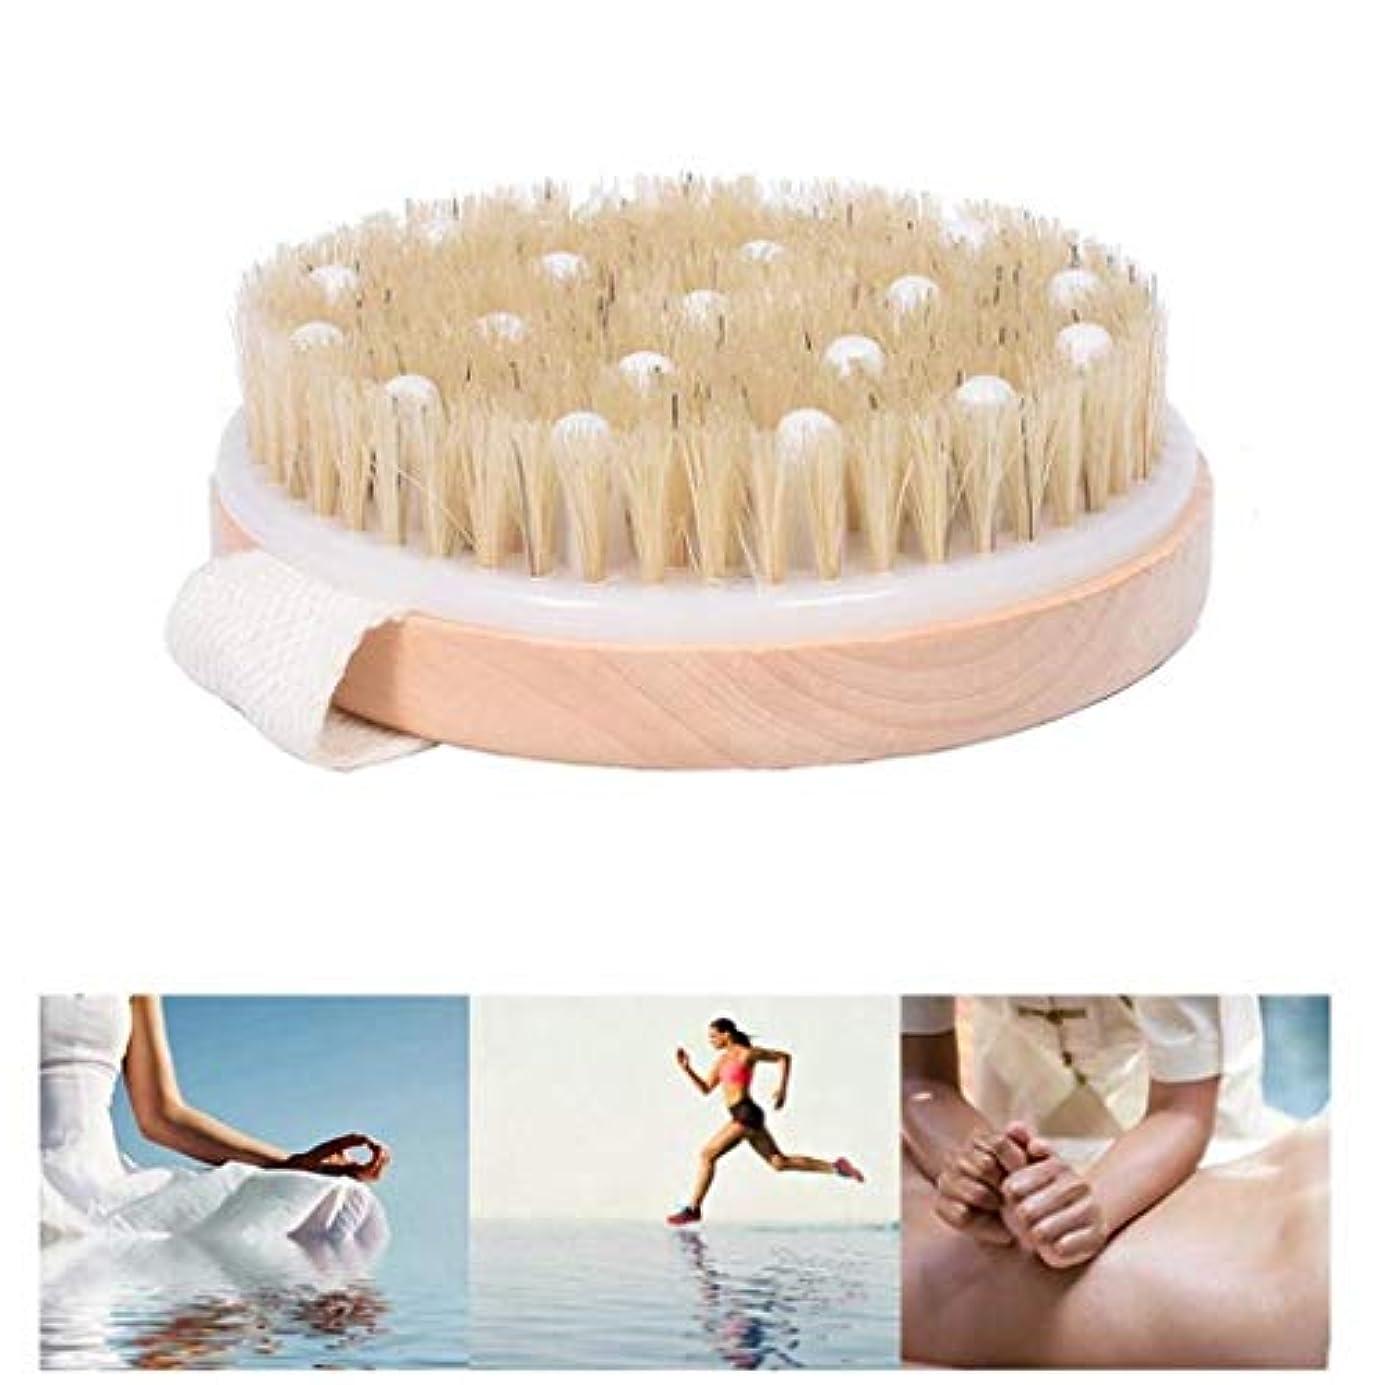 サークルお金ゴム生命体バスブラシ、木製の長いハンドルの角質除去/角質除去/詰まった毛穴の開放/血液循環のクリーニングブラシの改善